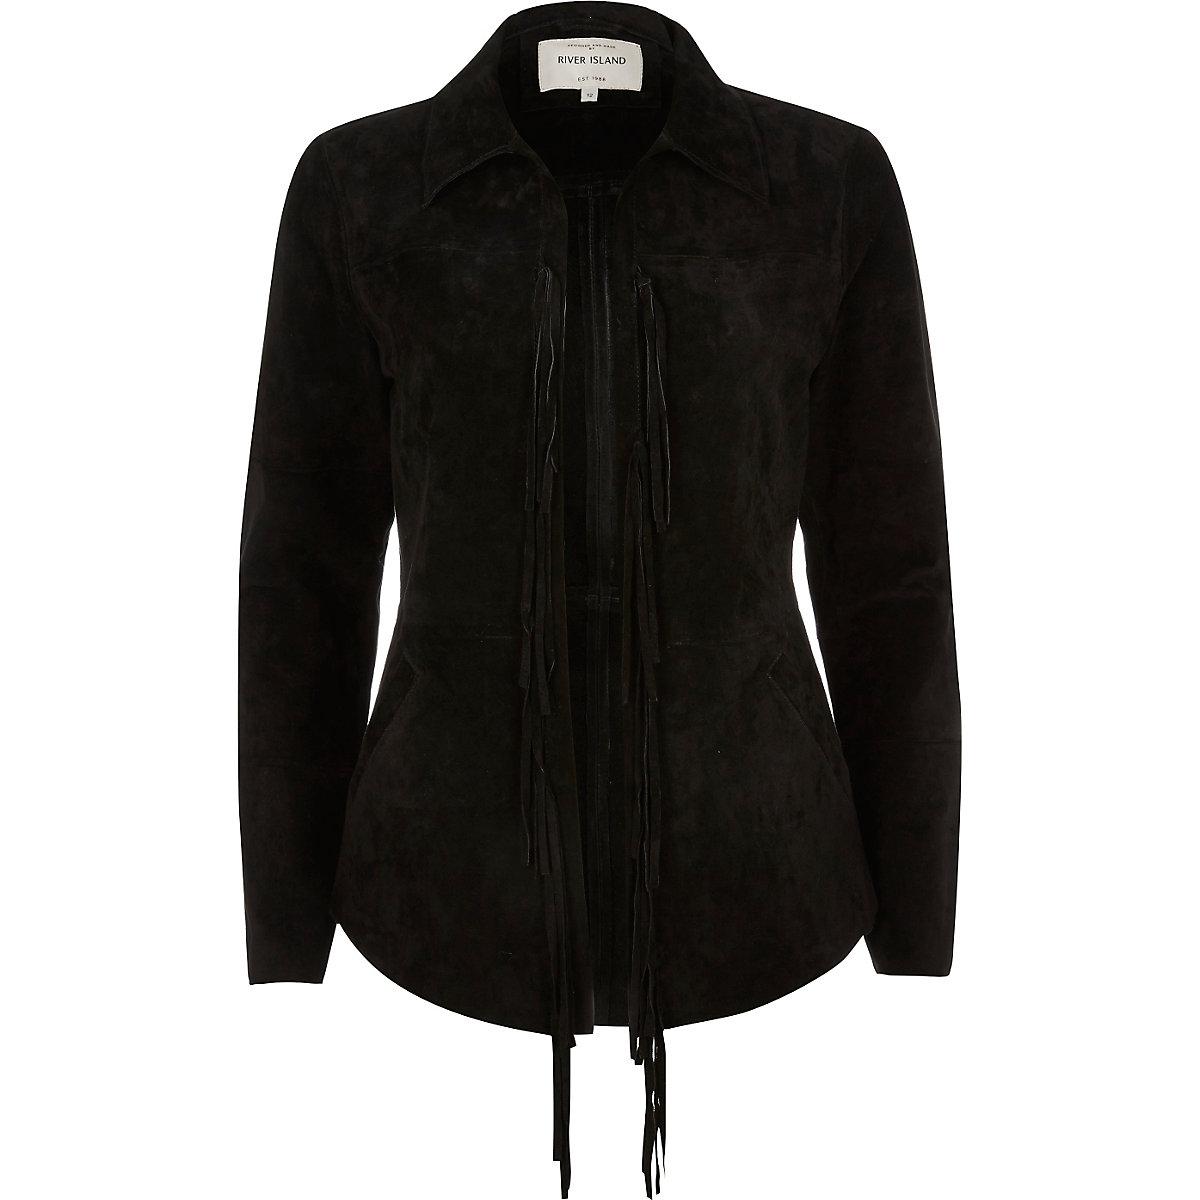 Veste chemise en daim noir à franges - Manteaux   Vestes - Promos ... 2a9fb612bff8